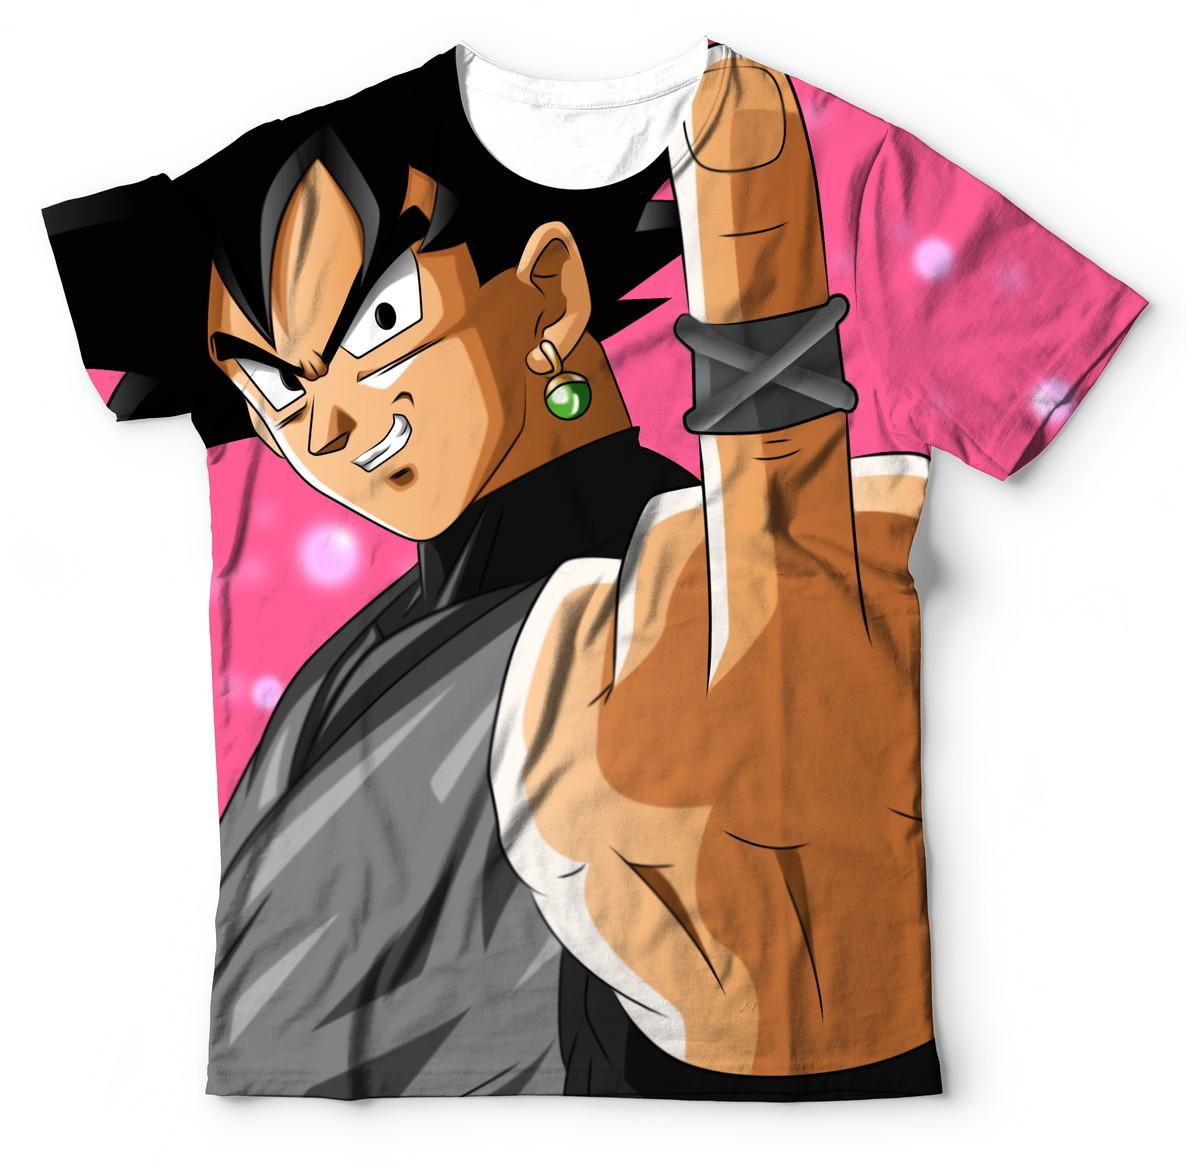 comprar camisetas dragon ball z